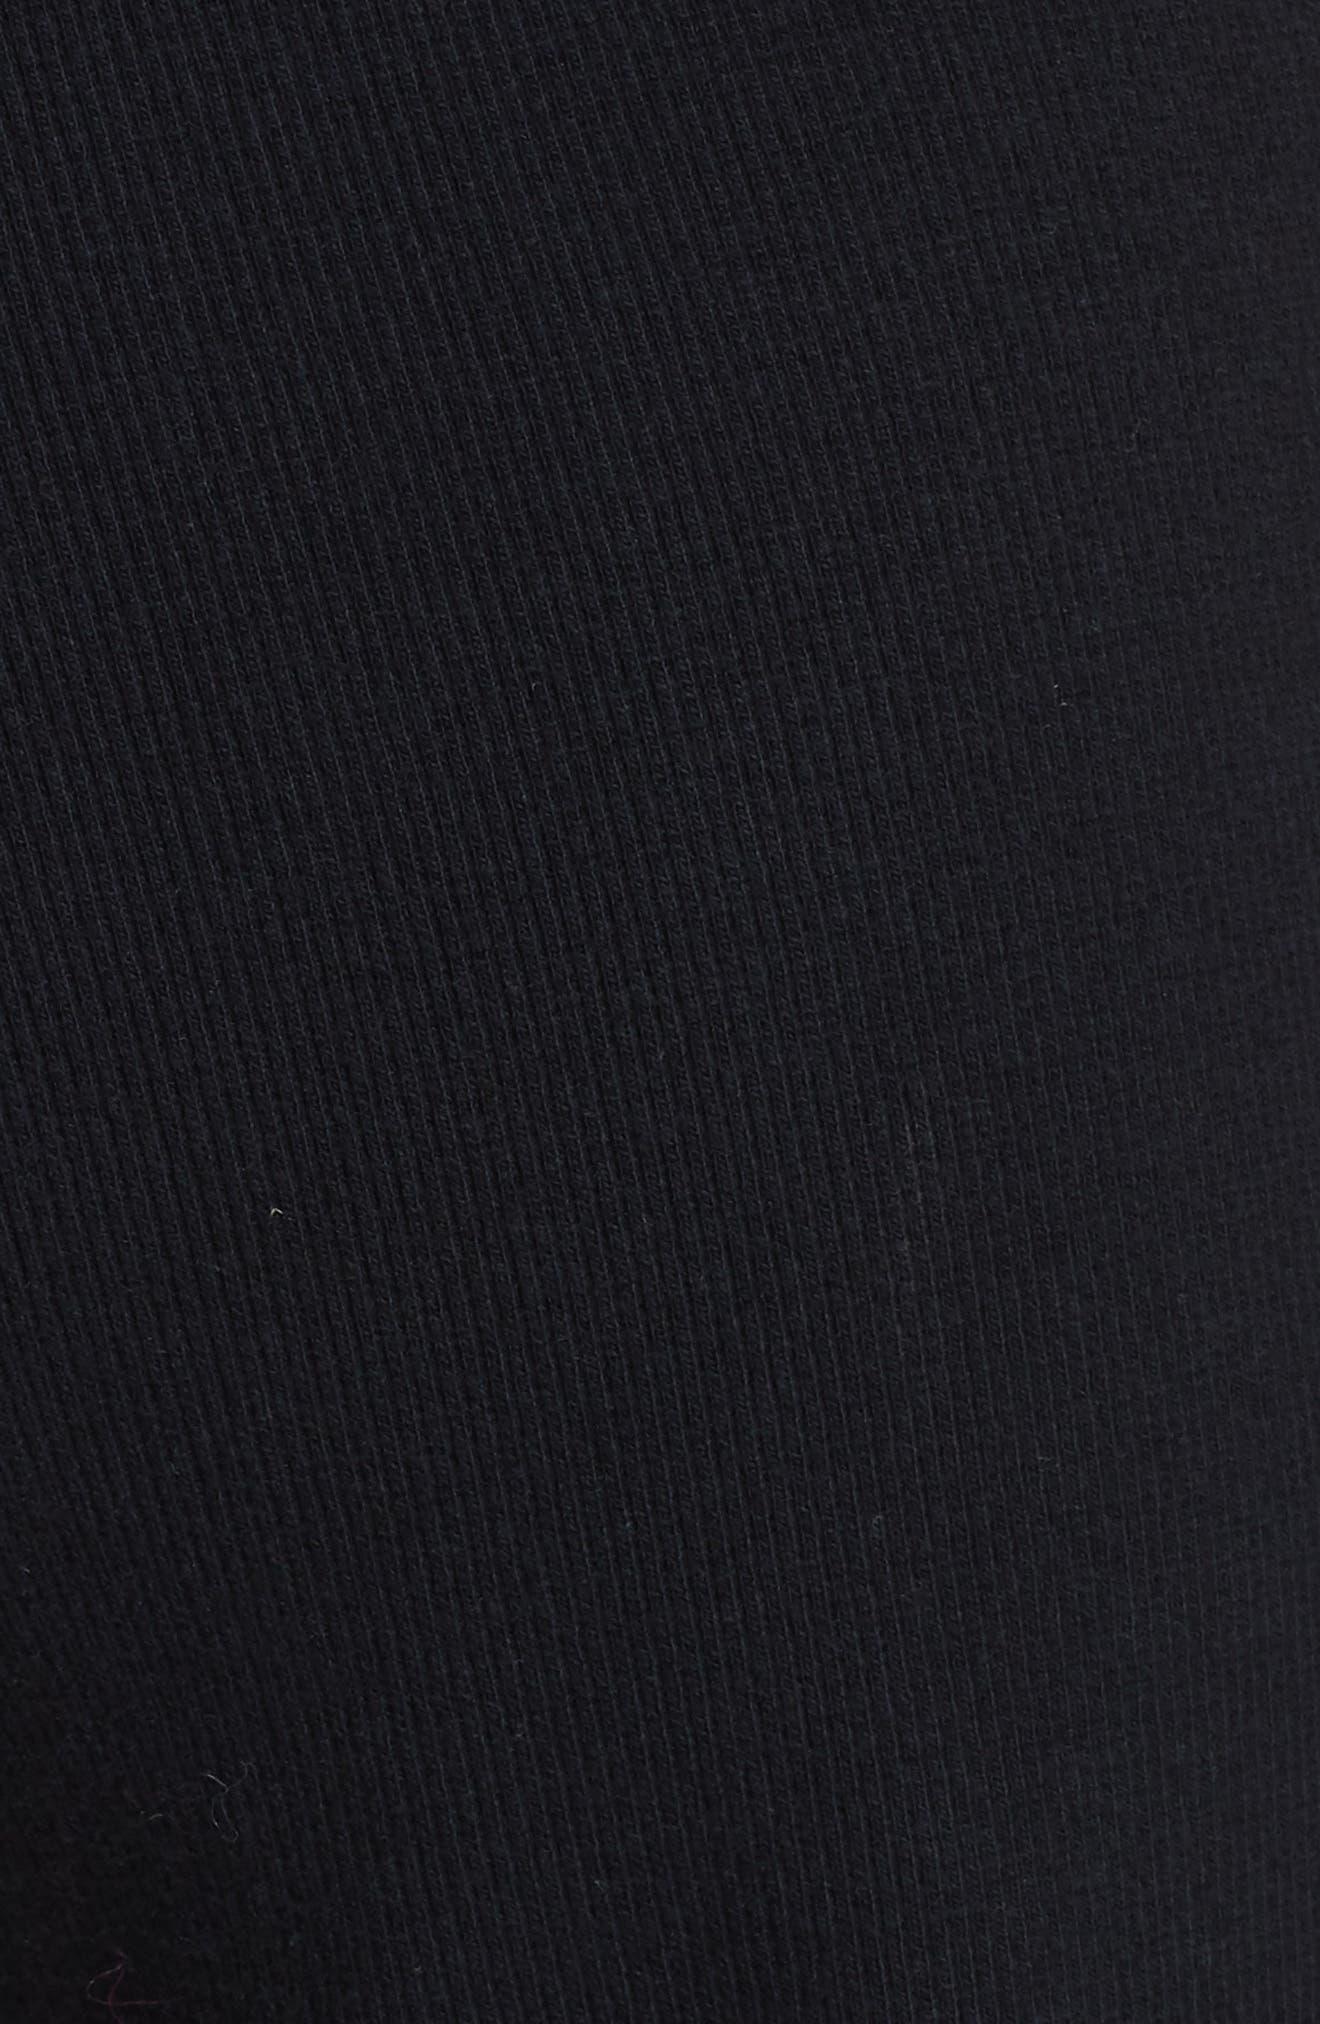 Wide Leg Rib Pants,                             Alternate thumbnail 5, color,                             BLACK